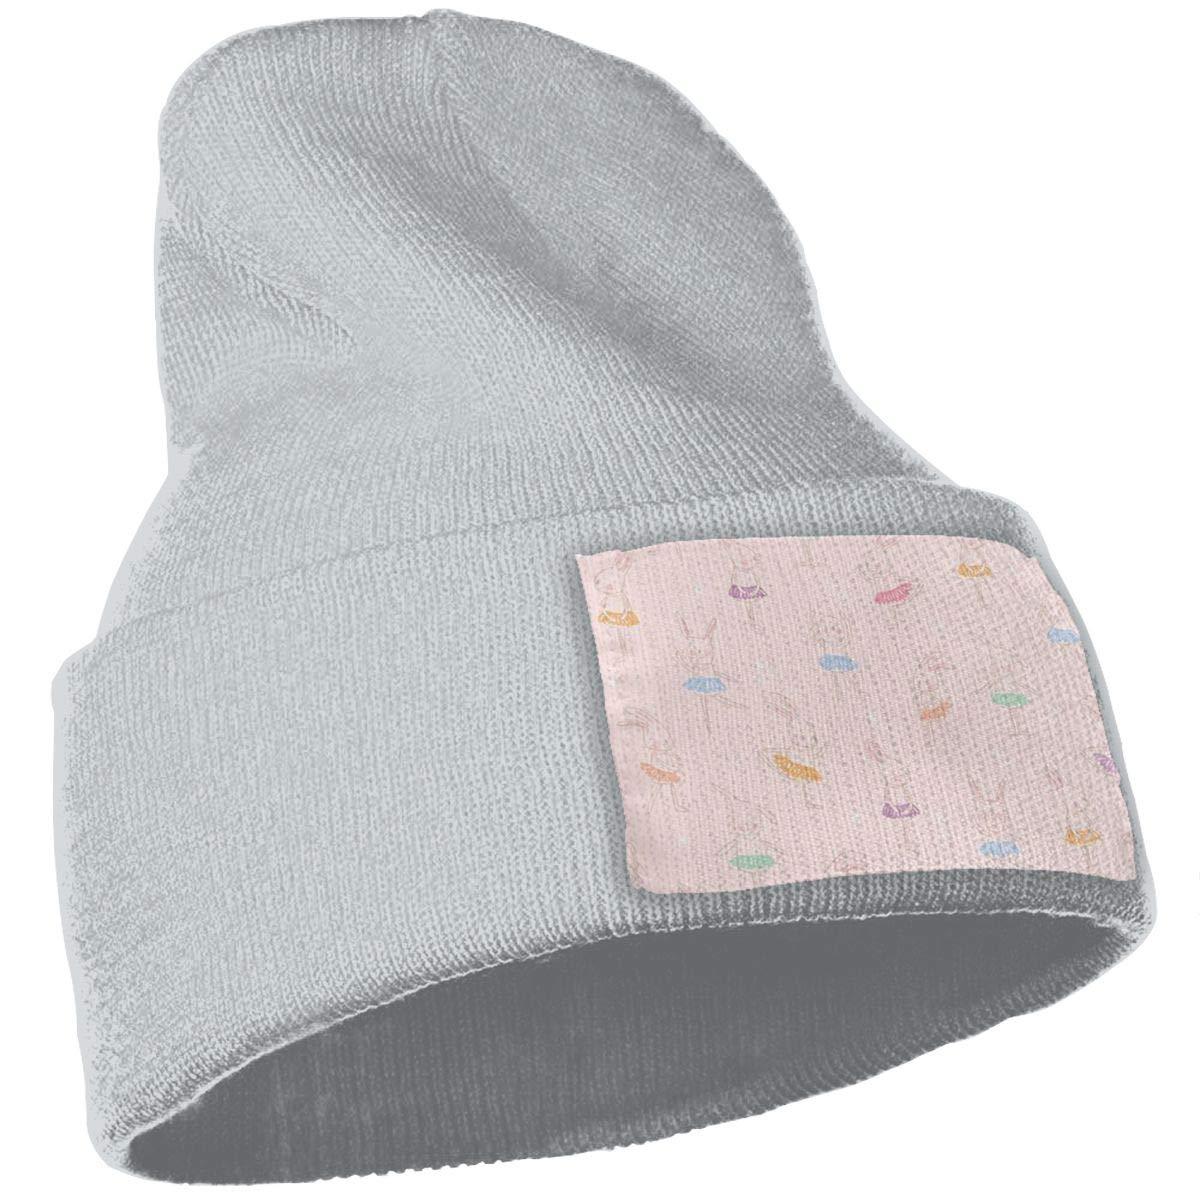 Rabbit Ballet Warm Knit Winter Solid Beanie Hat Unisex Skull Cap